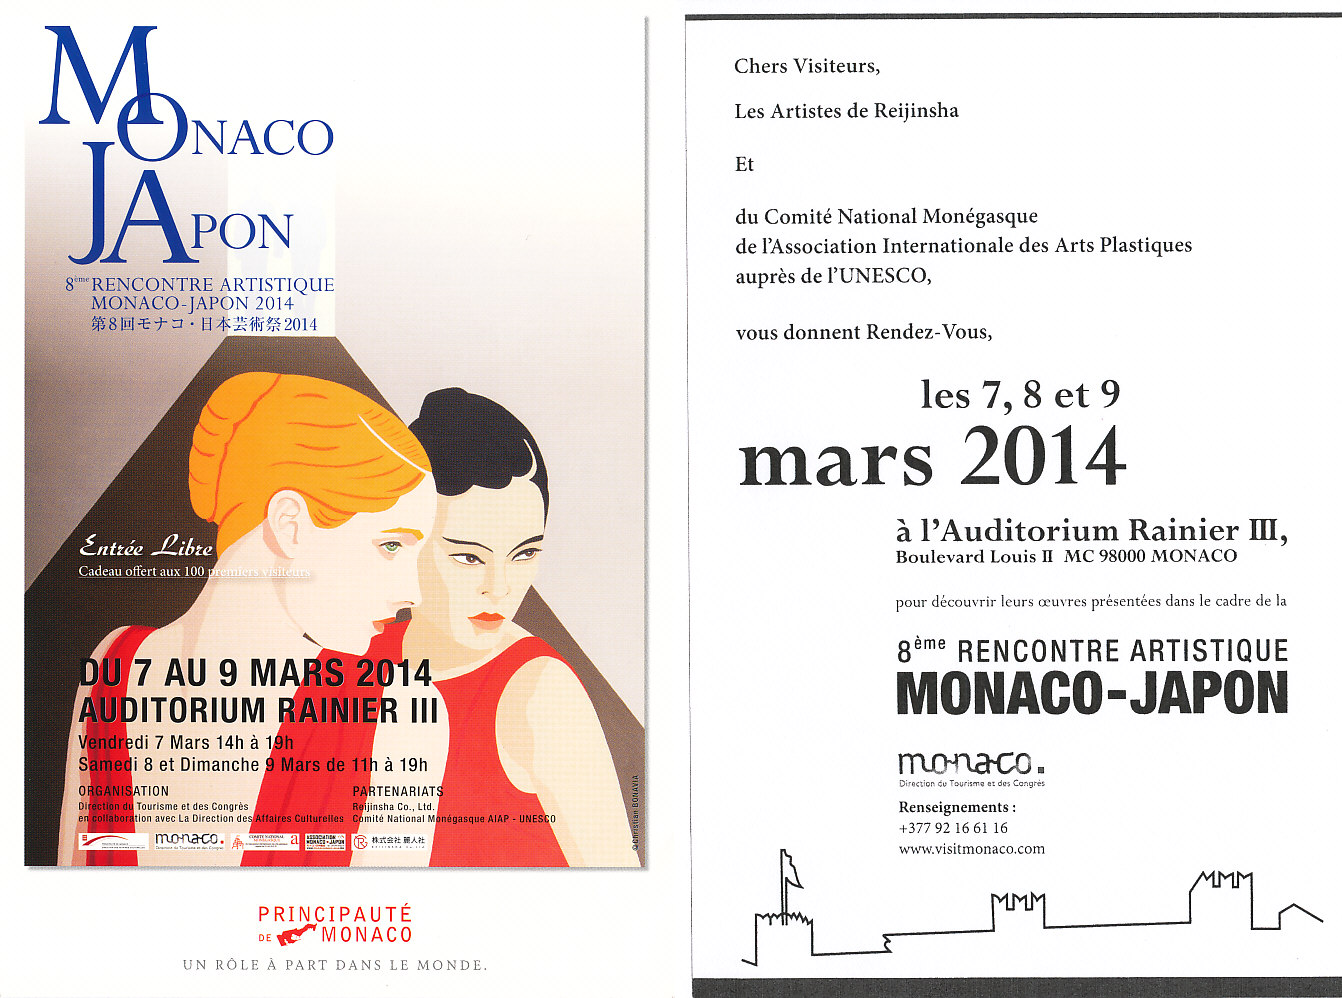 Affiche Monaco-Japon